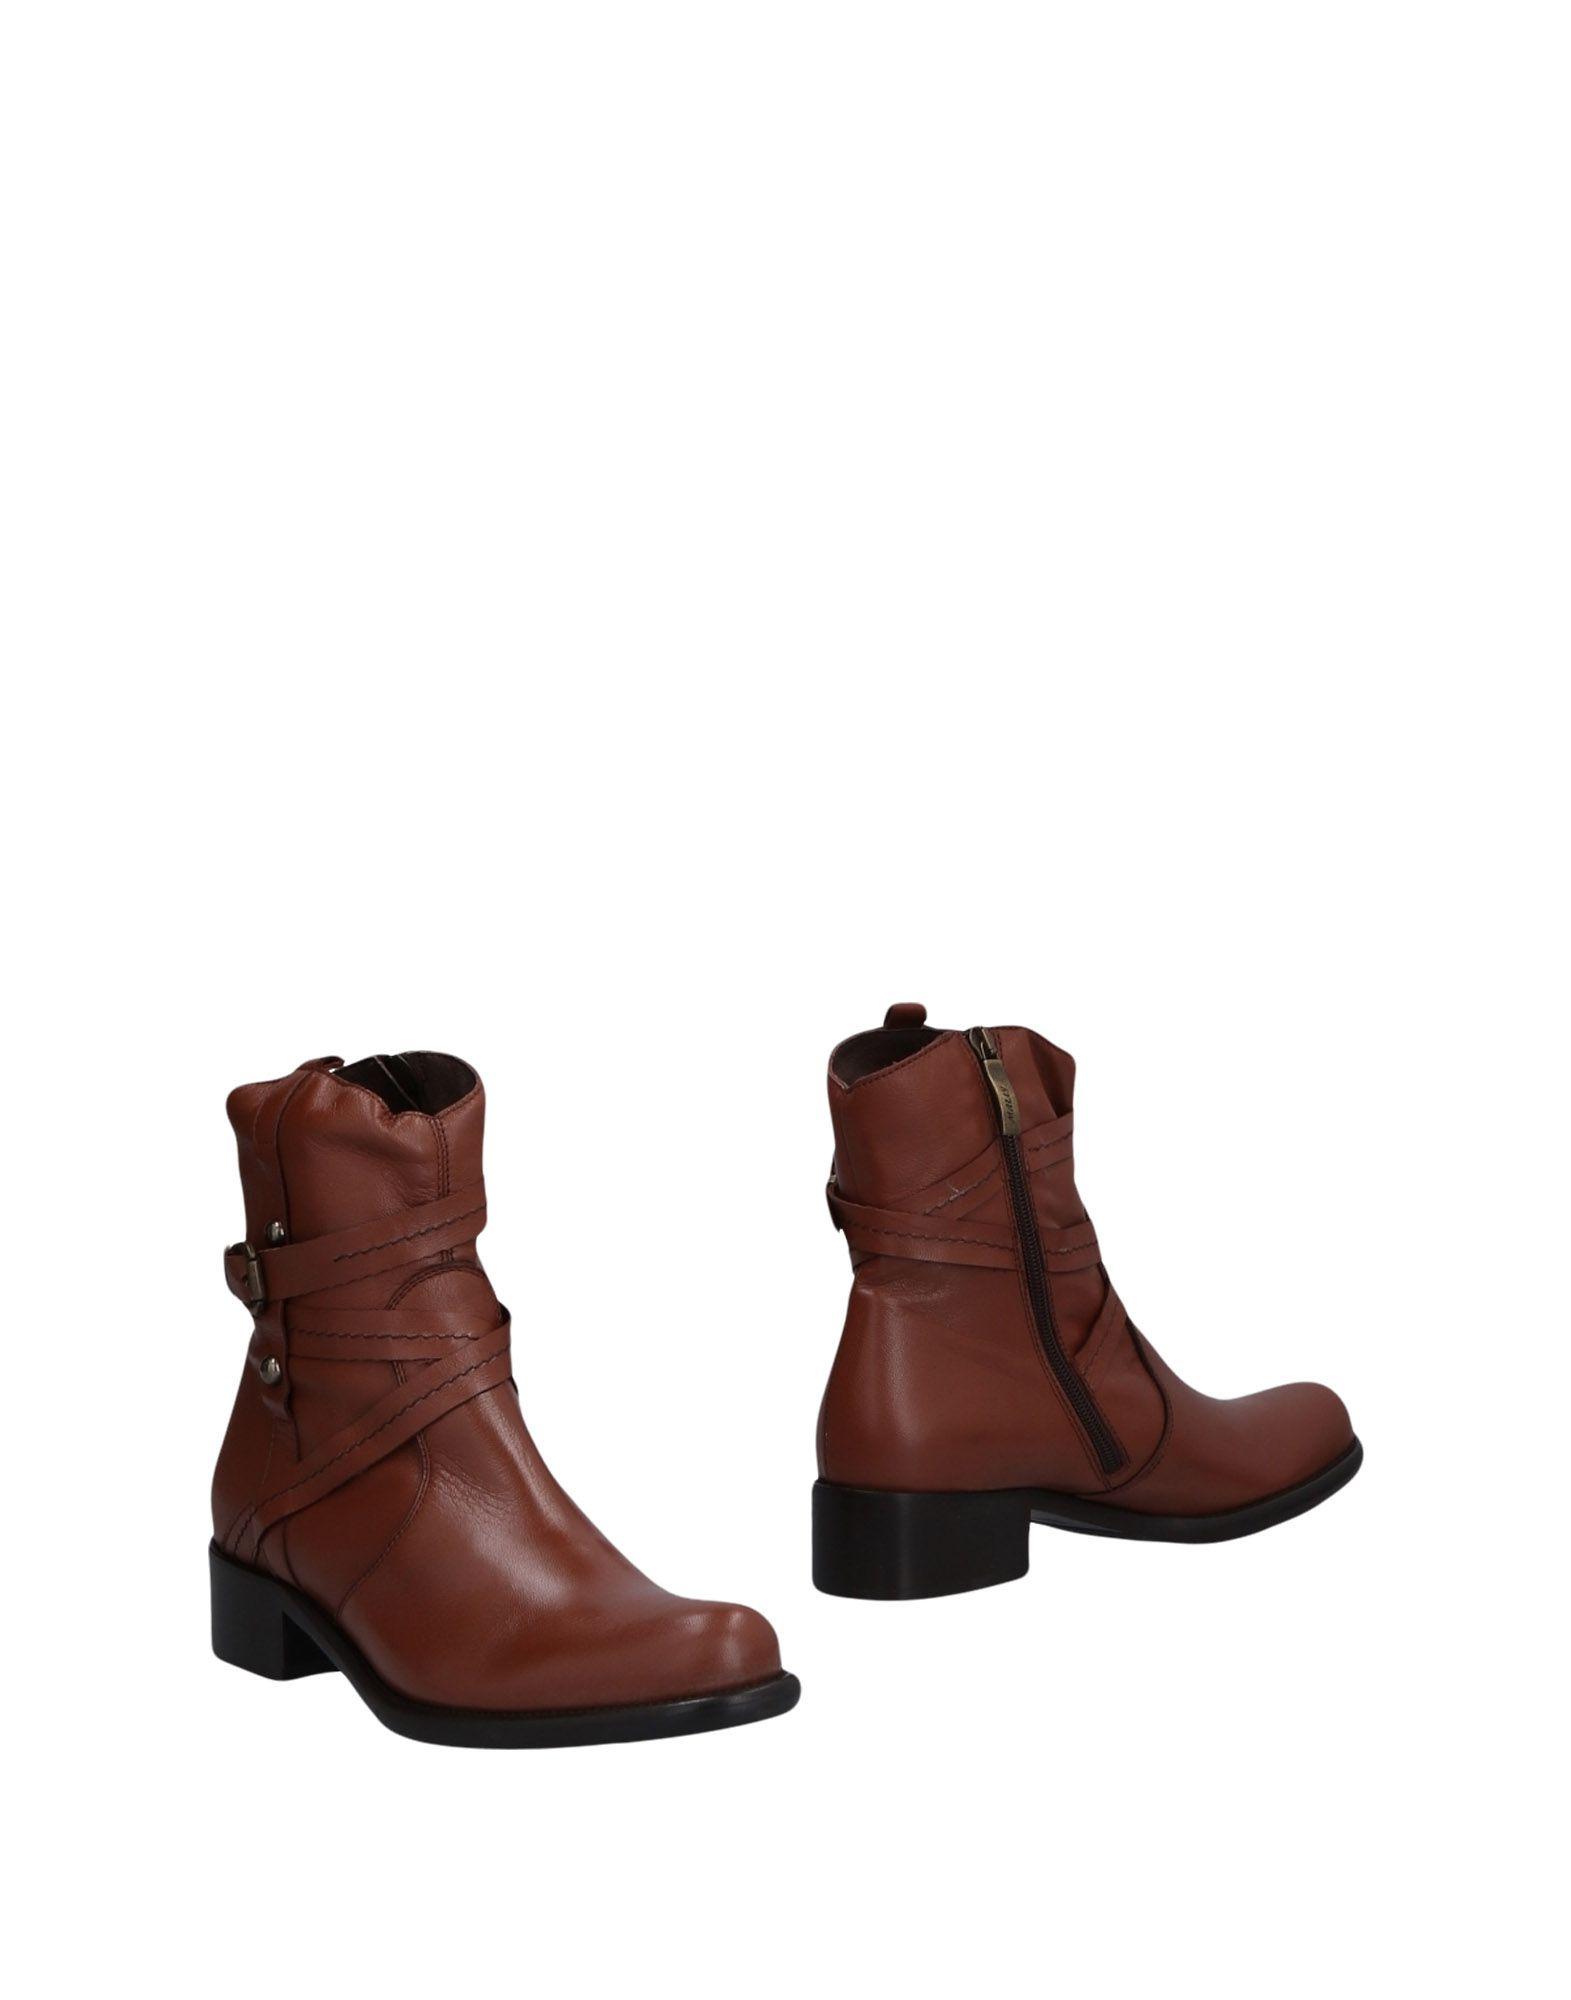 Mally Stiefelette Damen  11473272WK Gute Qualität beliebte Schuhe